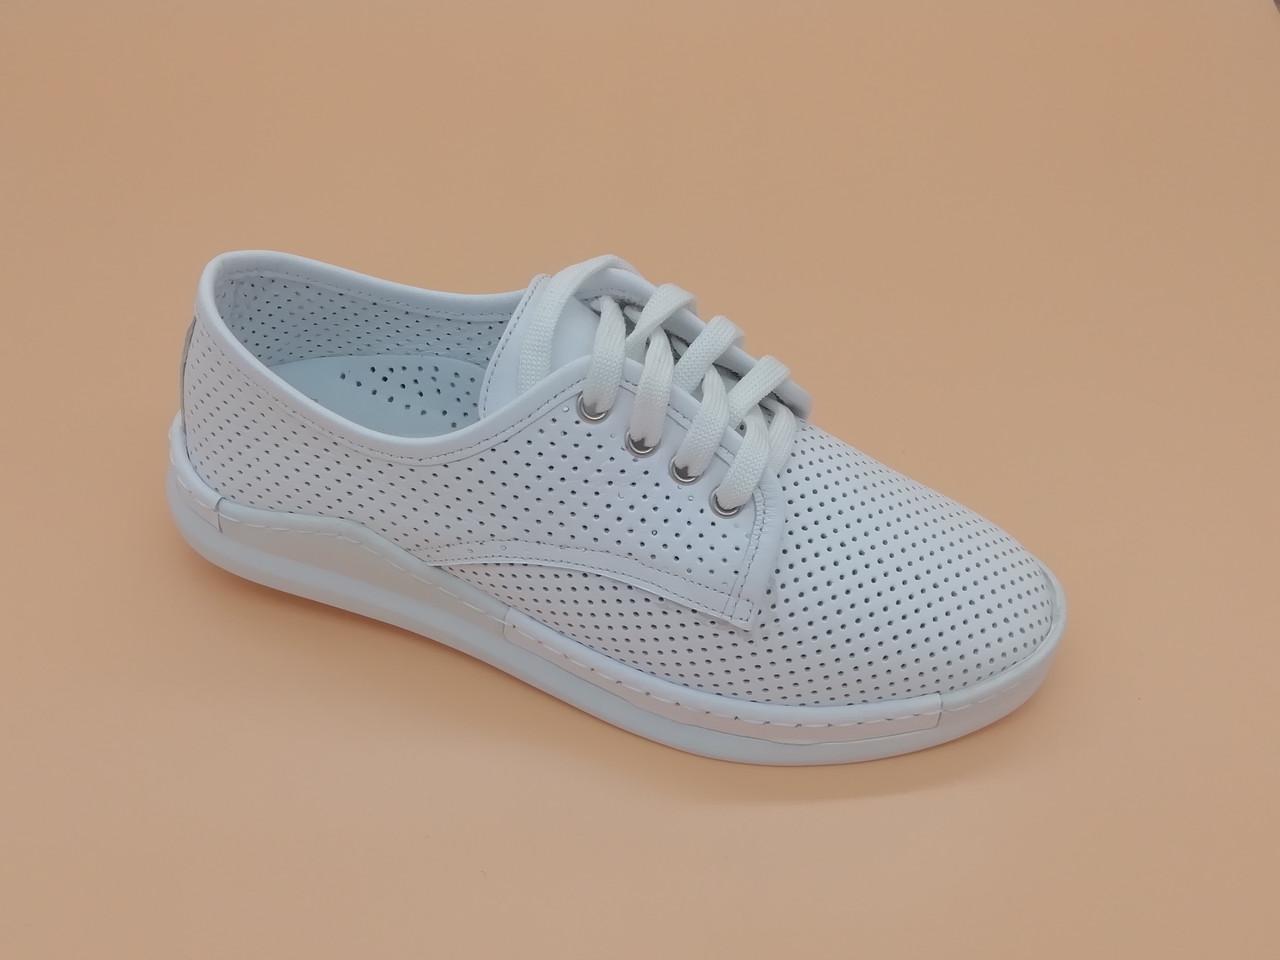 Білі кеди кросівки. Маленькі розміри ( 34 - 35 ). Туреччина.